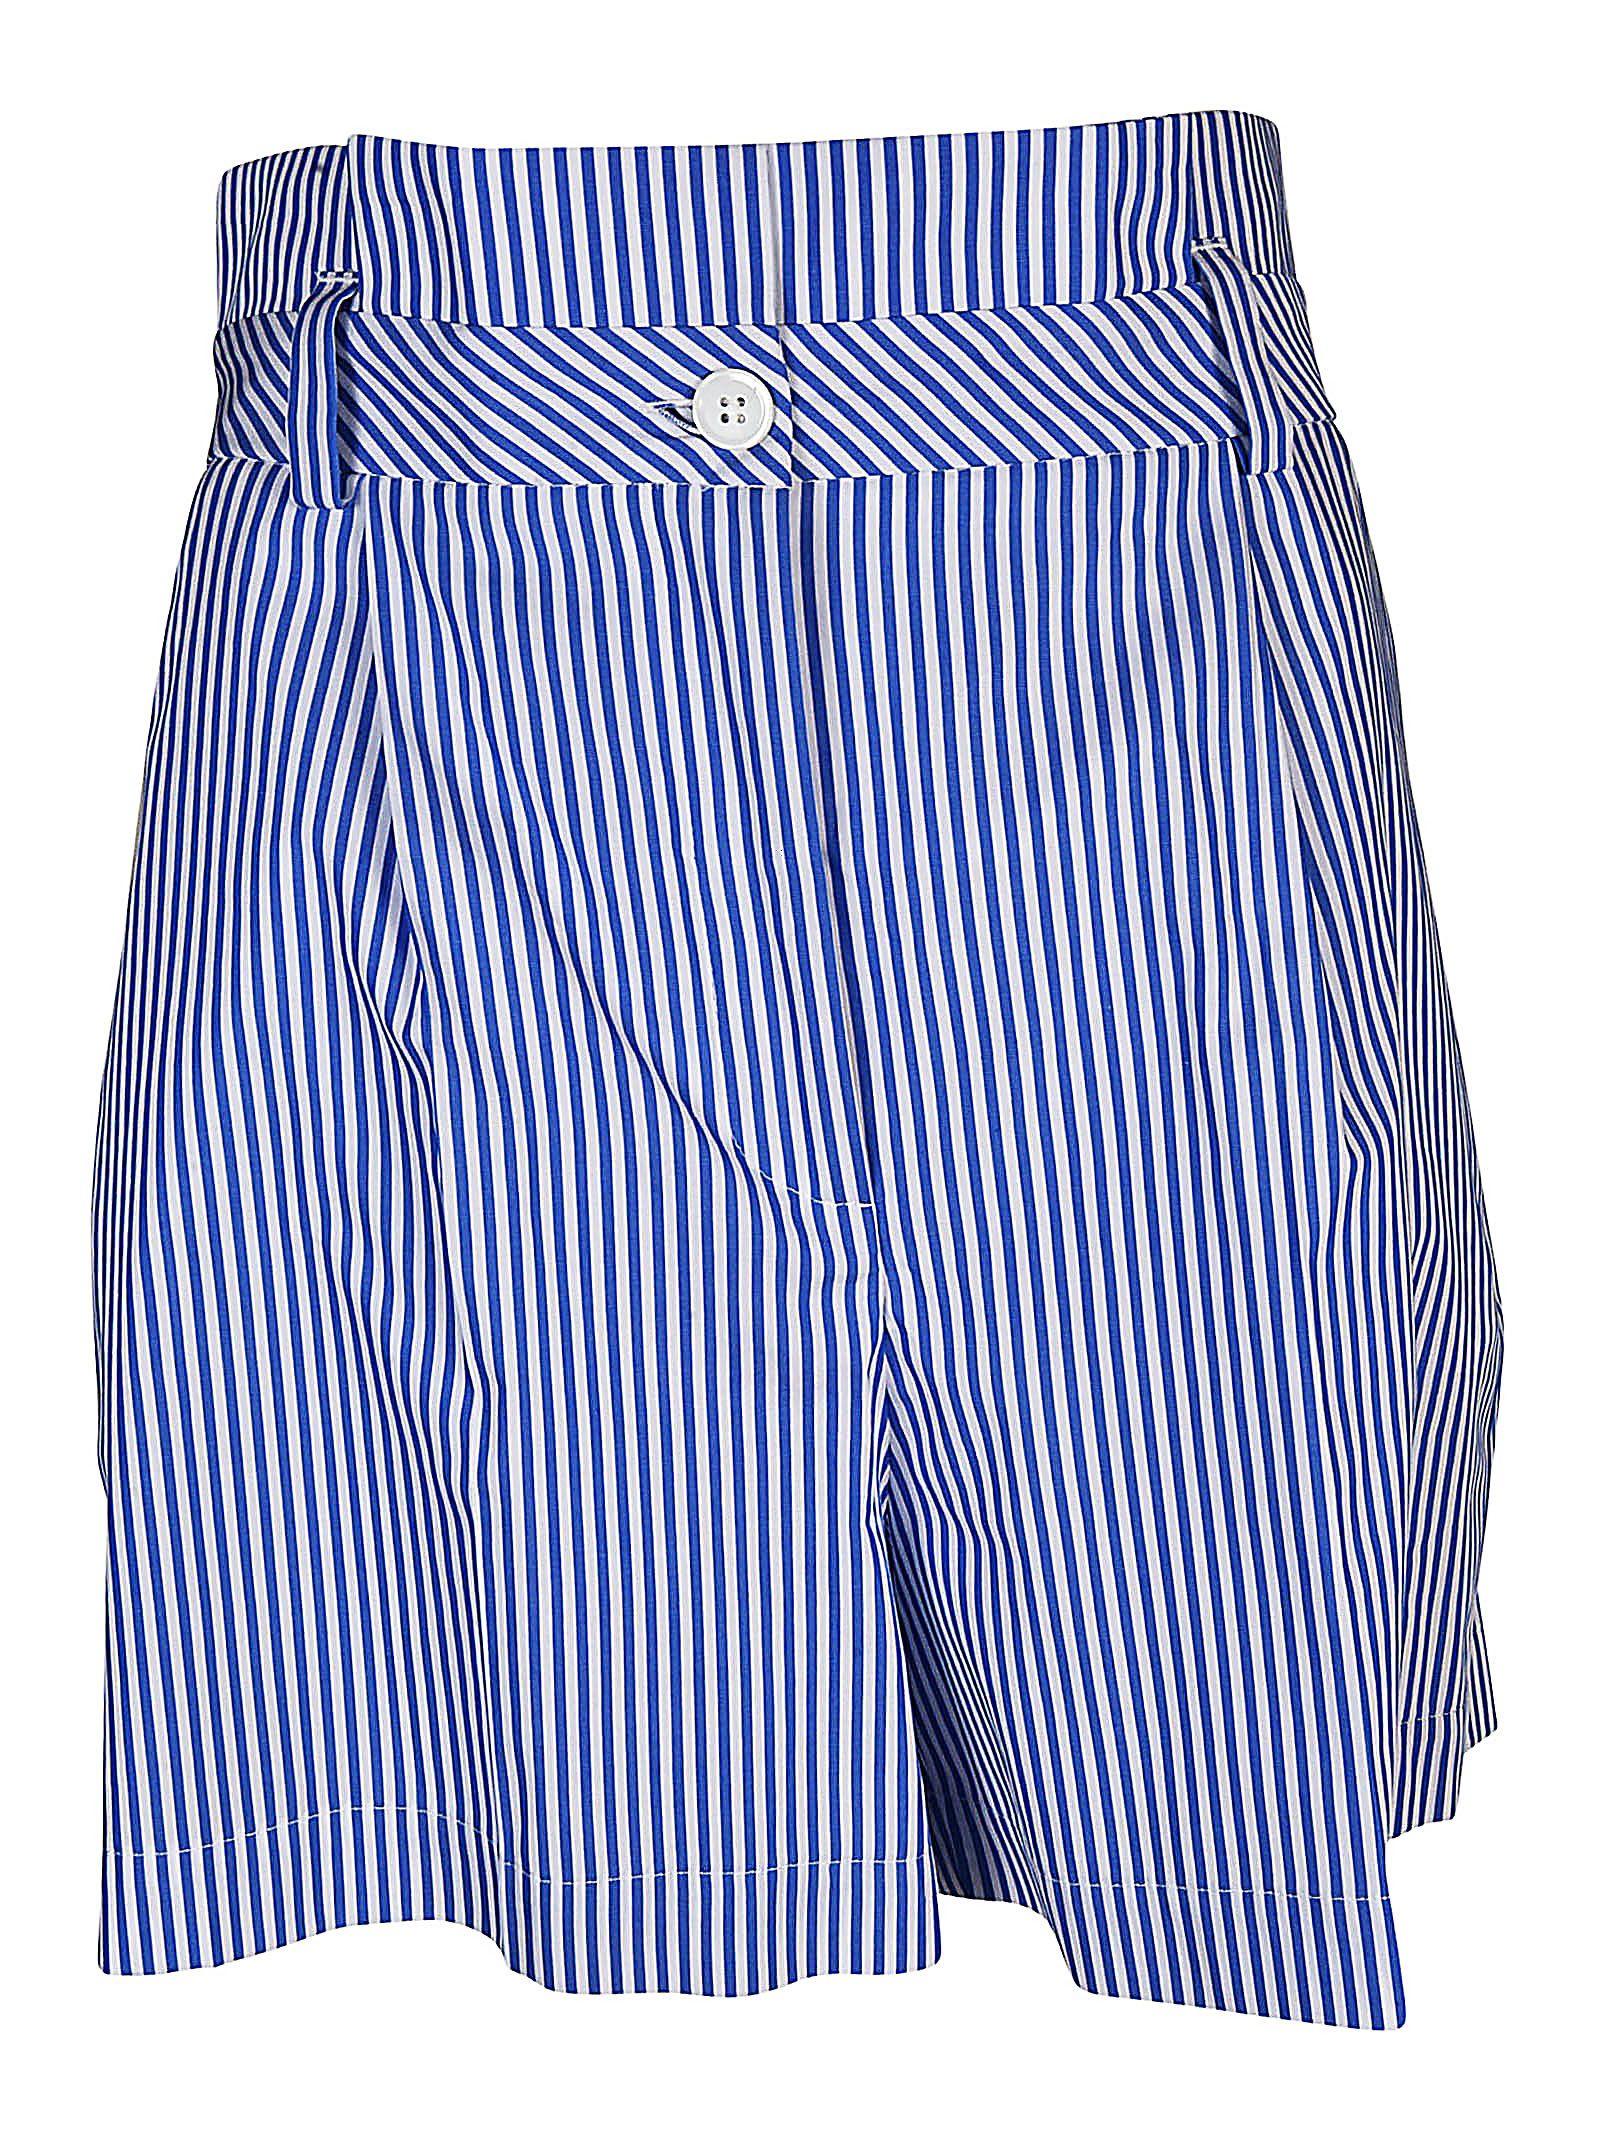 Ermanno Scervino Stripe Detailing Shorts